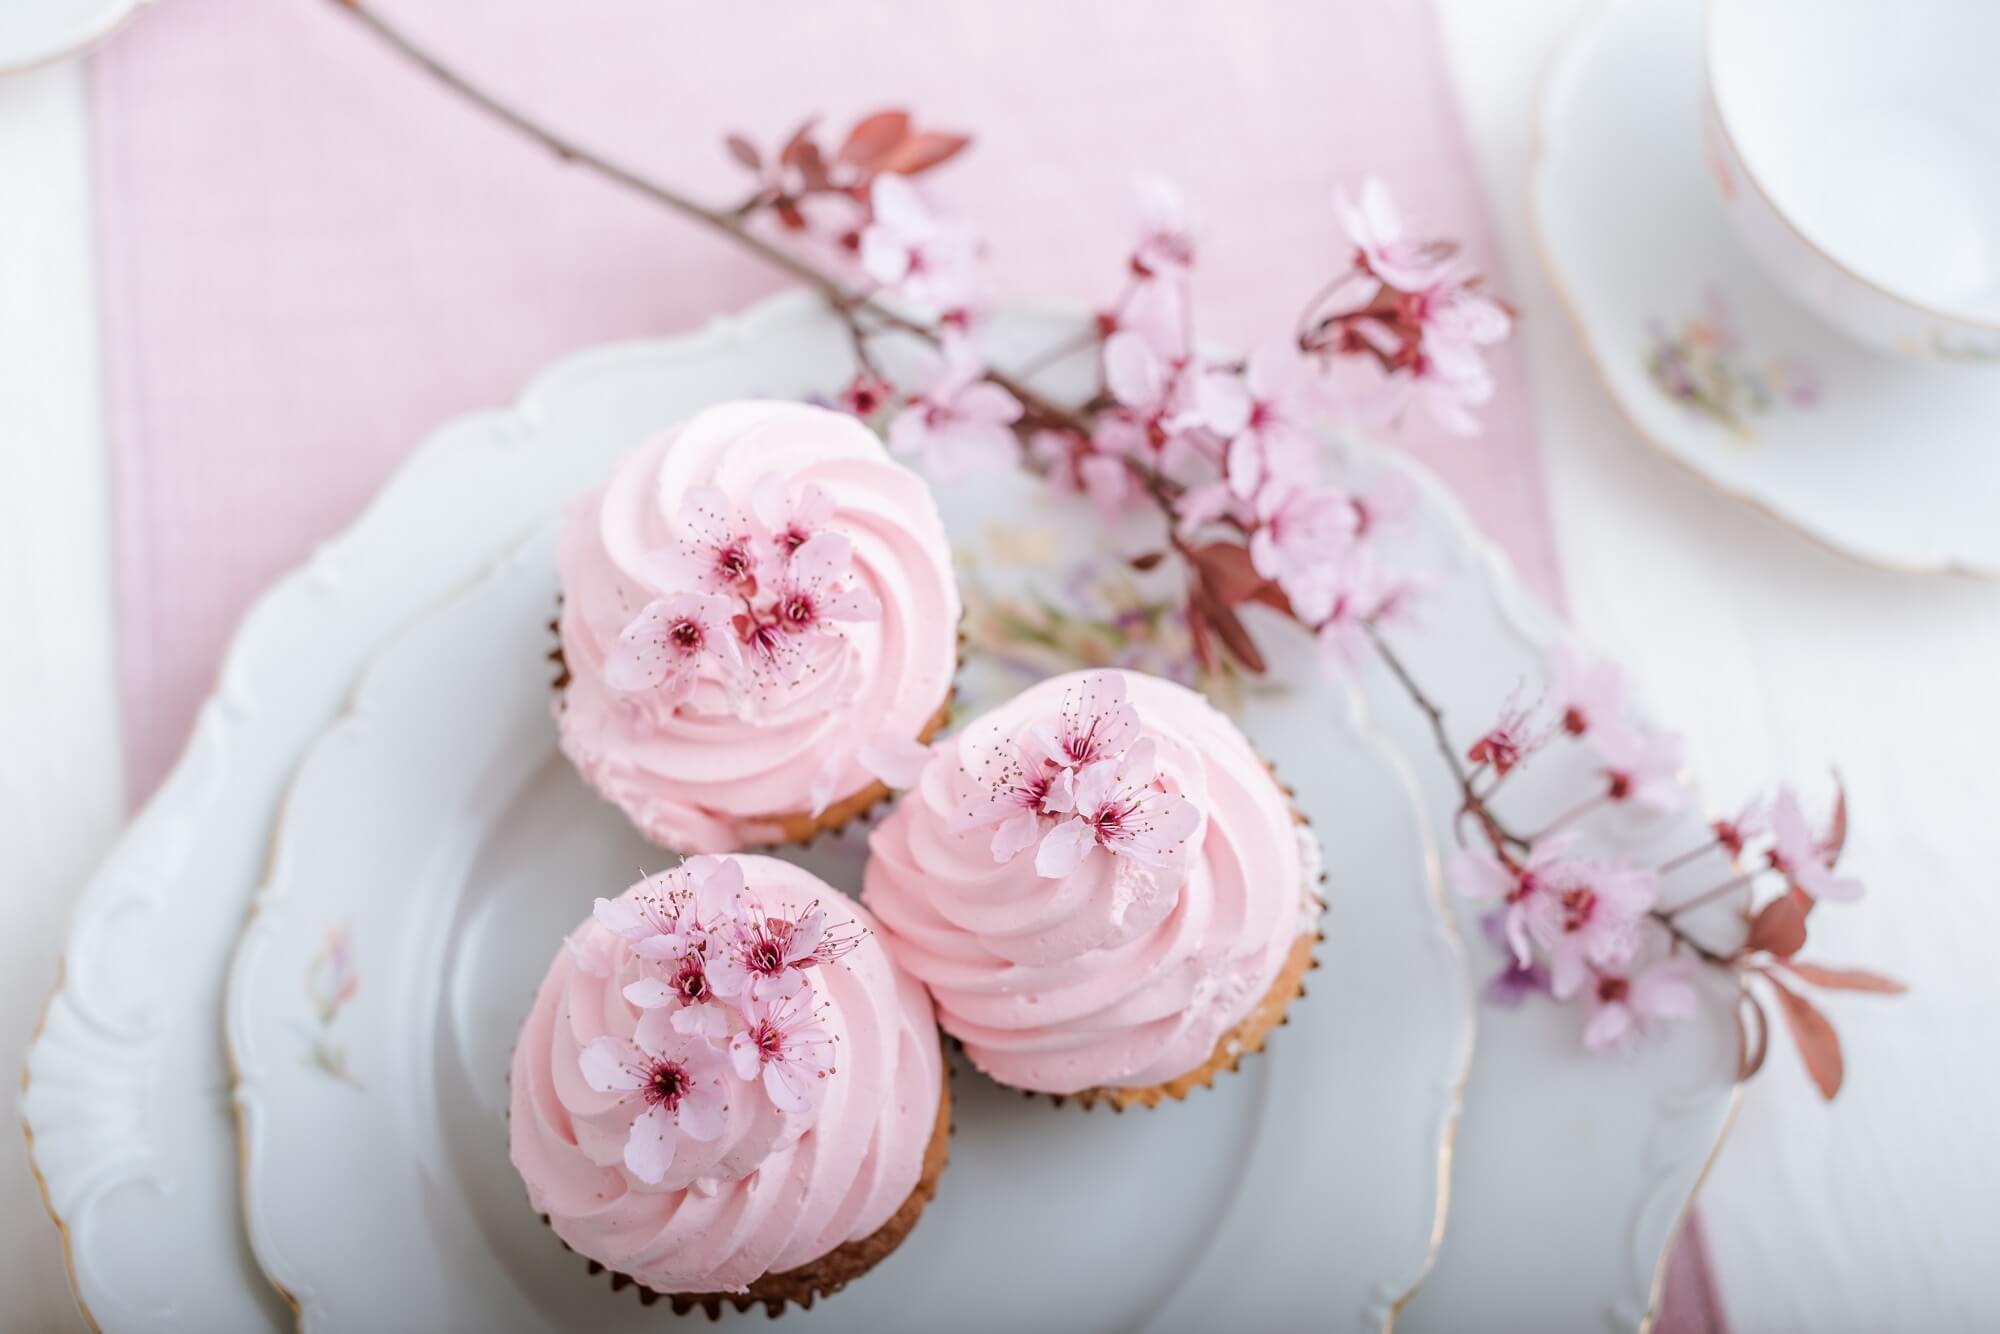 春を感じるさくらスイーツでお花見気分に。日本酒×桜のアレンジも紹介